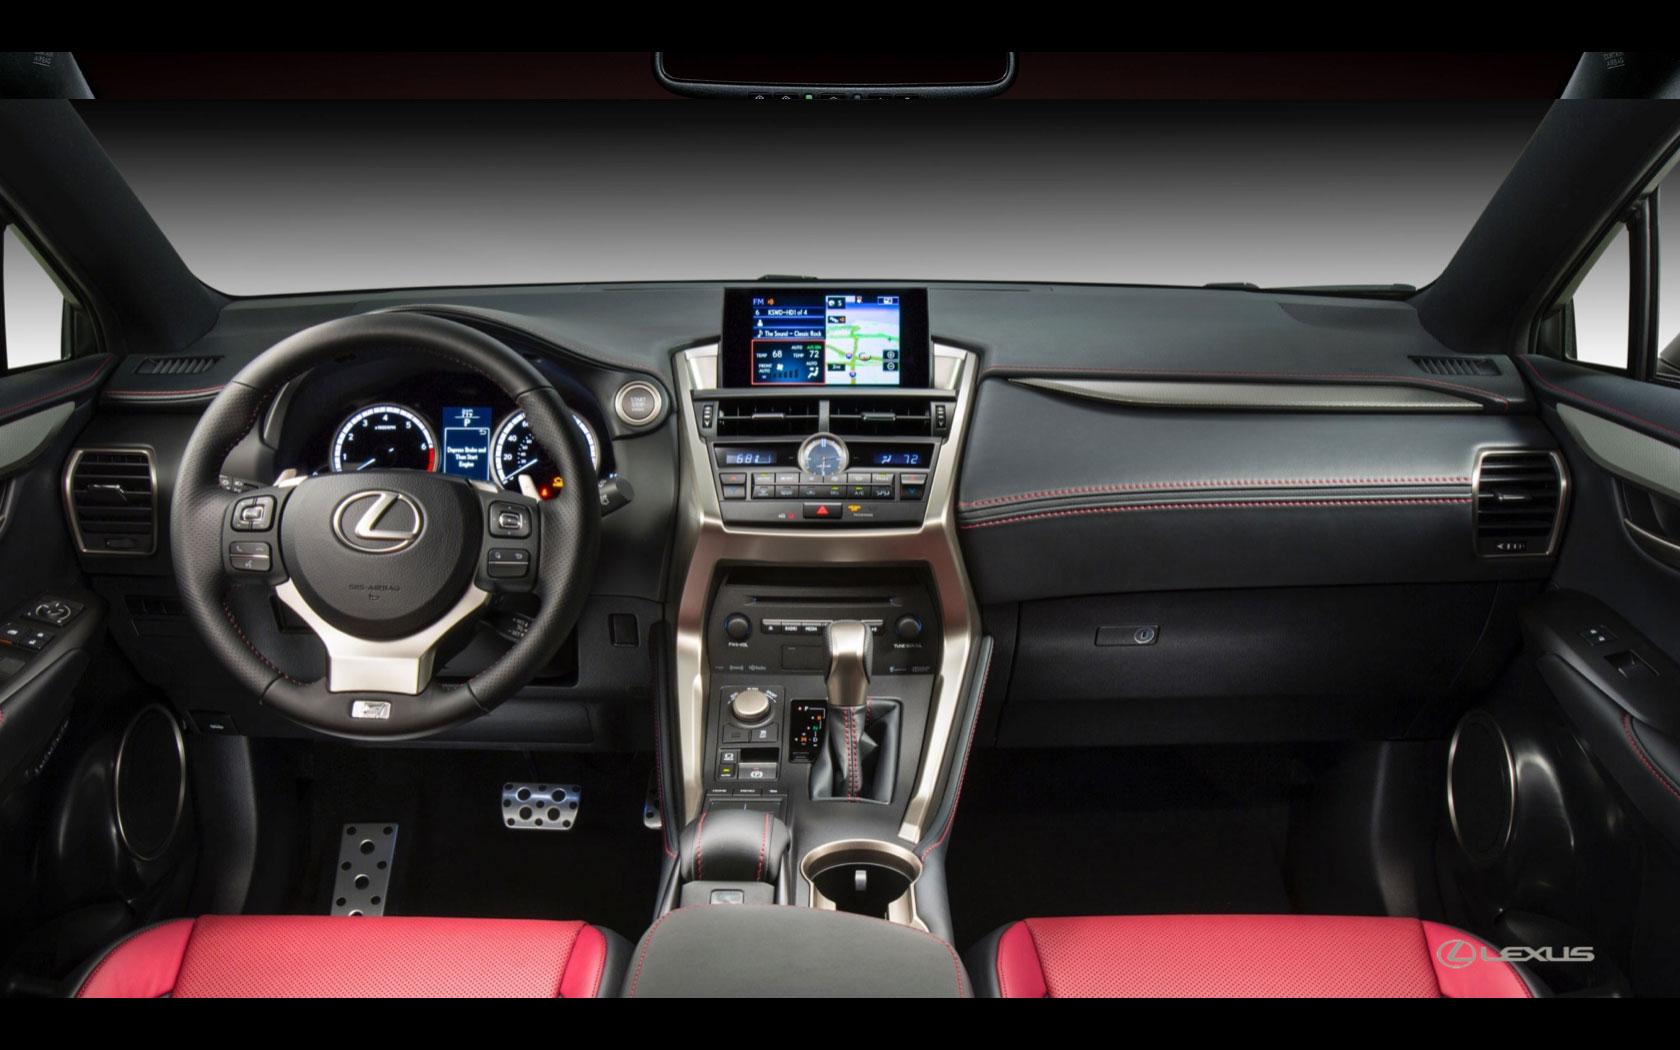 Lexus nx200 interior